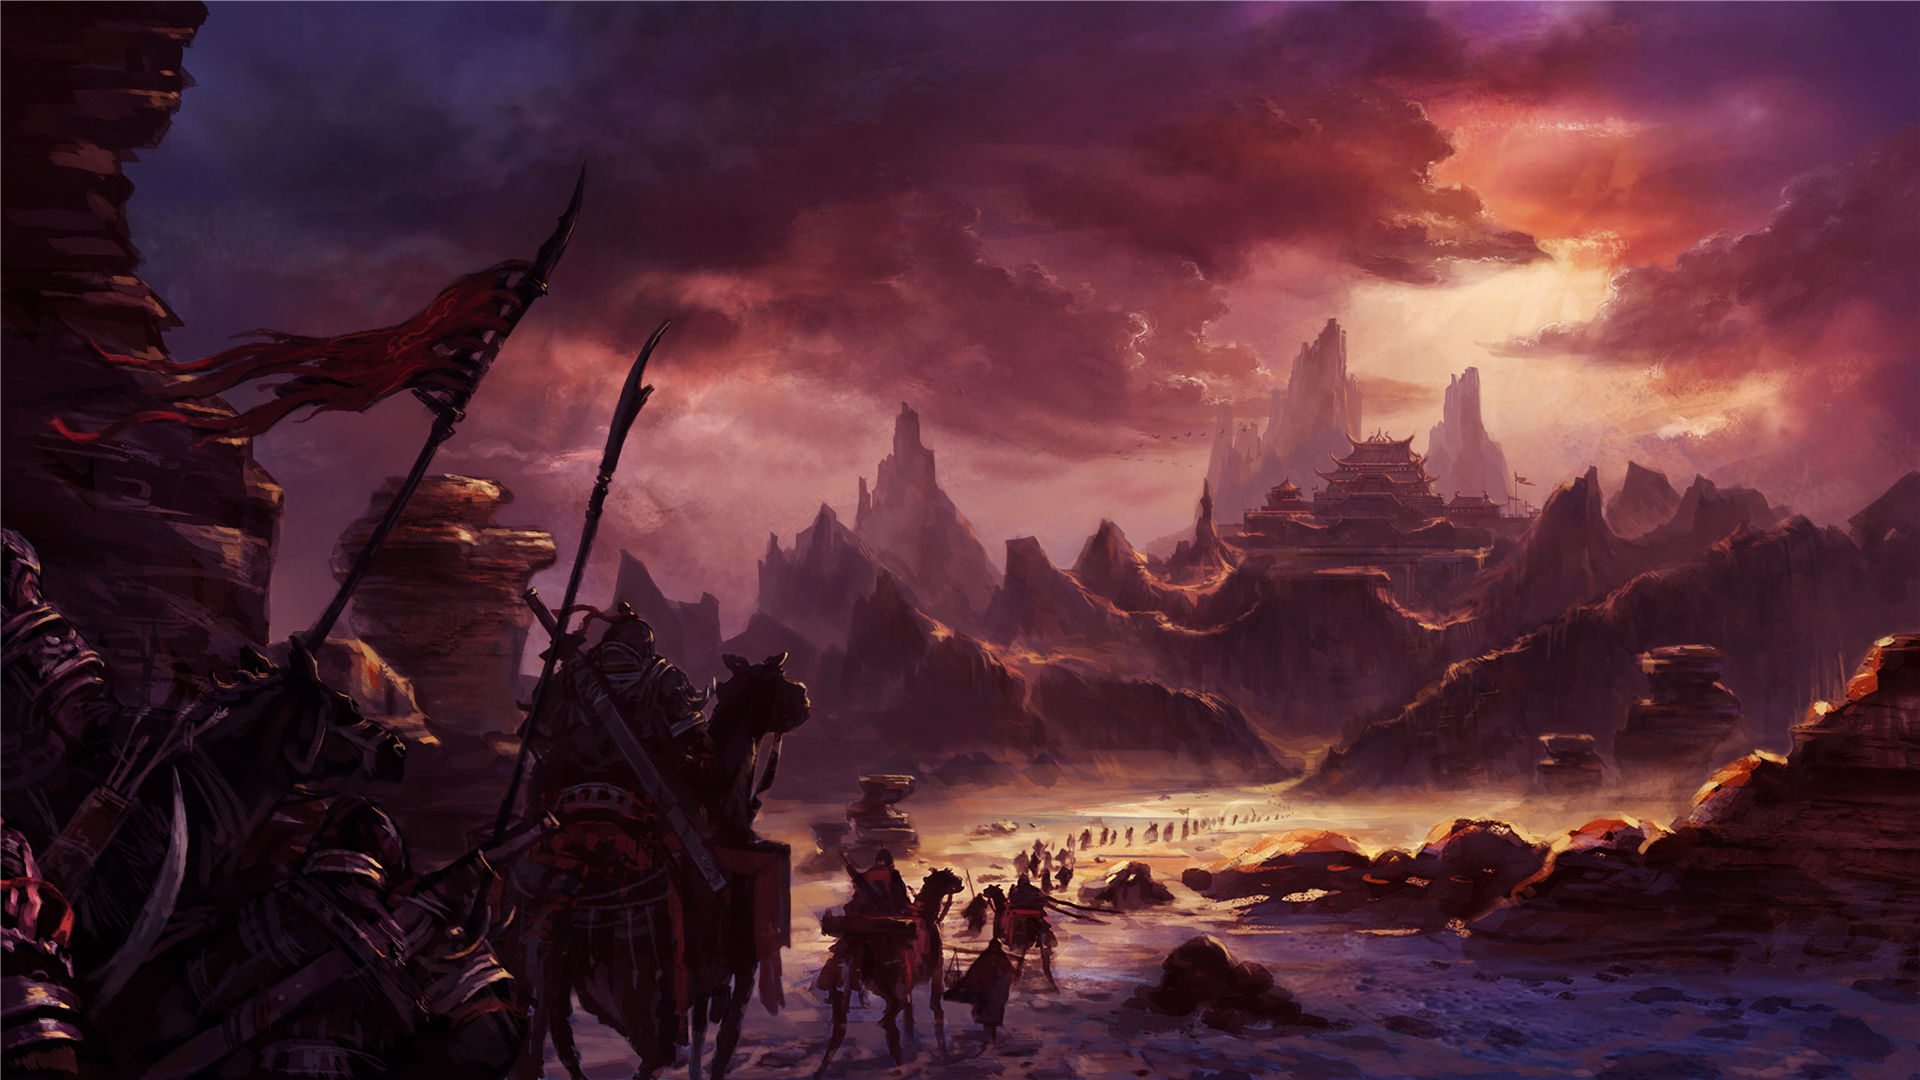 《求魔》最新游戏截图